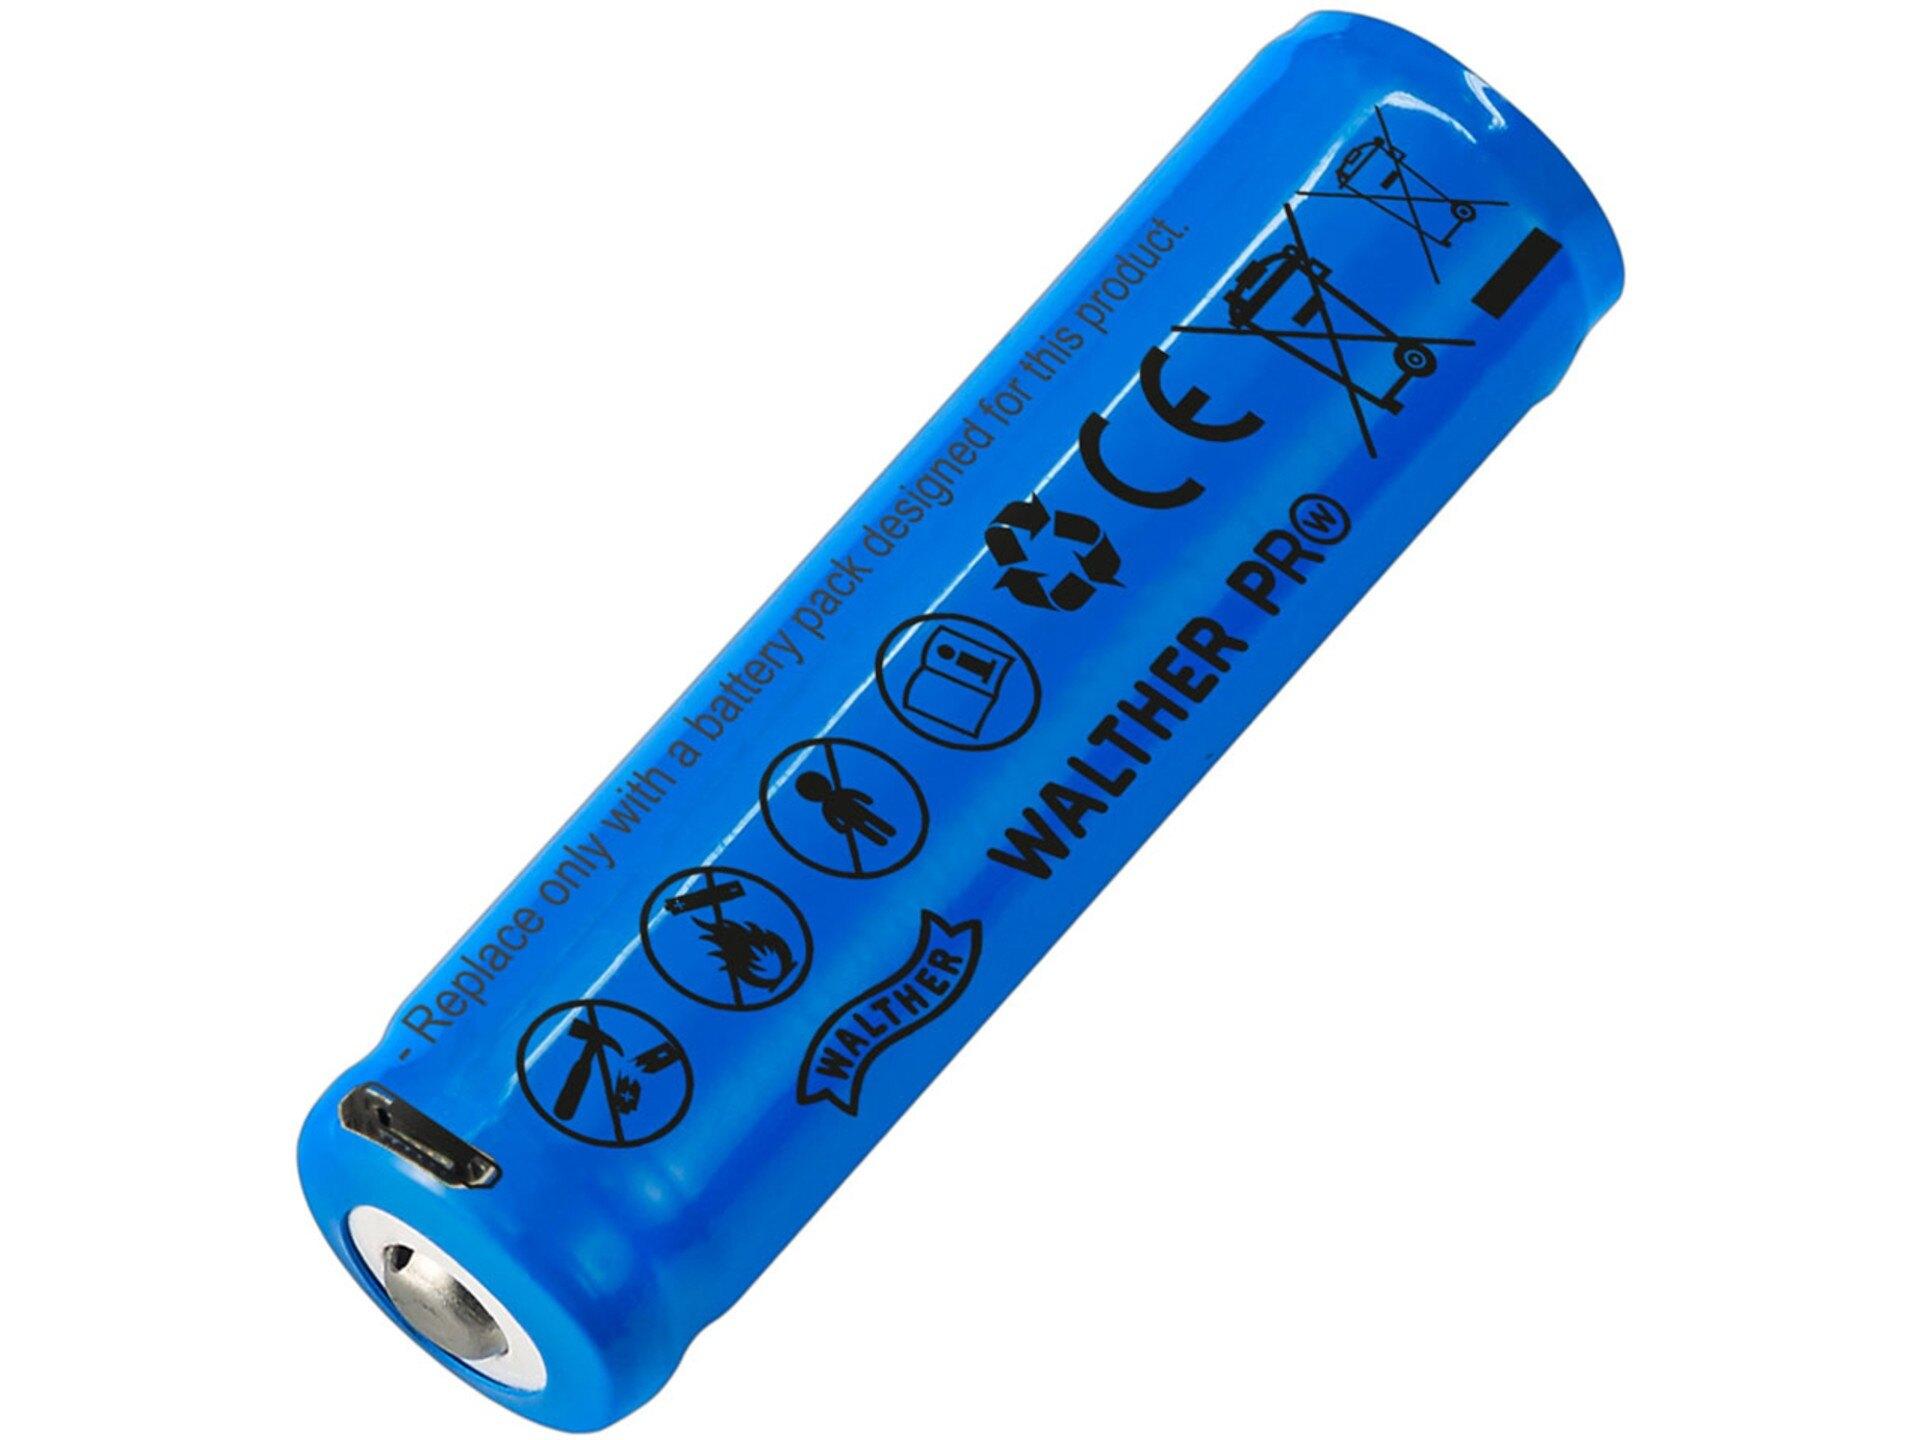 Nabíjacia batéria ICR18650 Li-lon / 2 600 mAh / 3,6 V Walther® (Farba: Modrá)